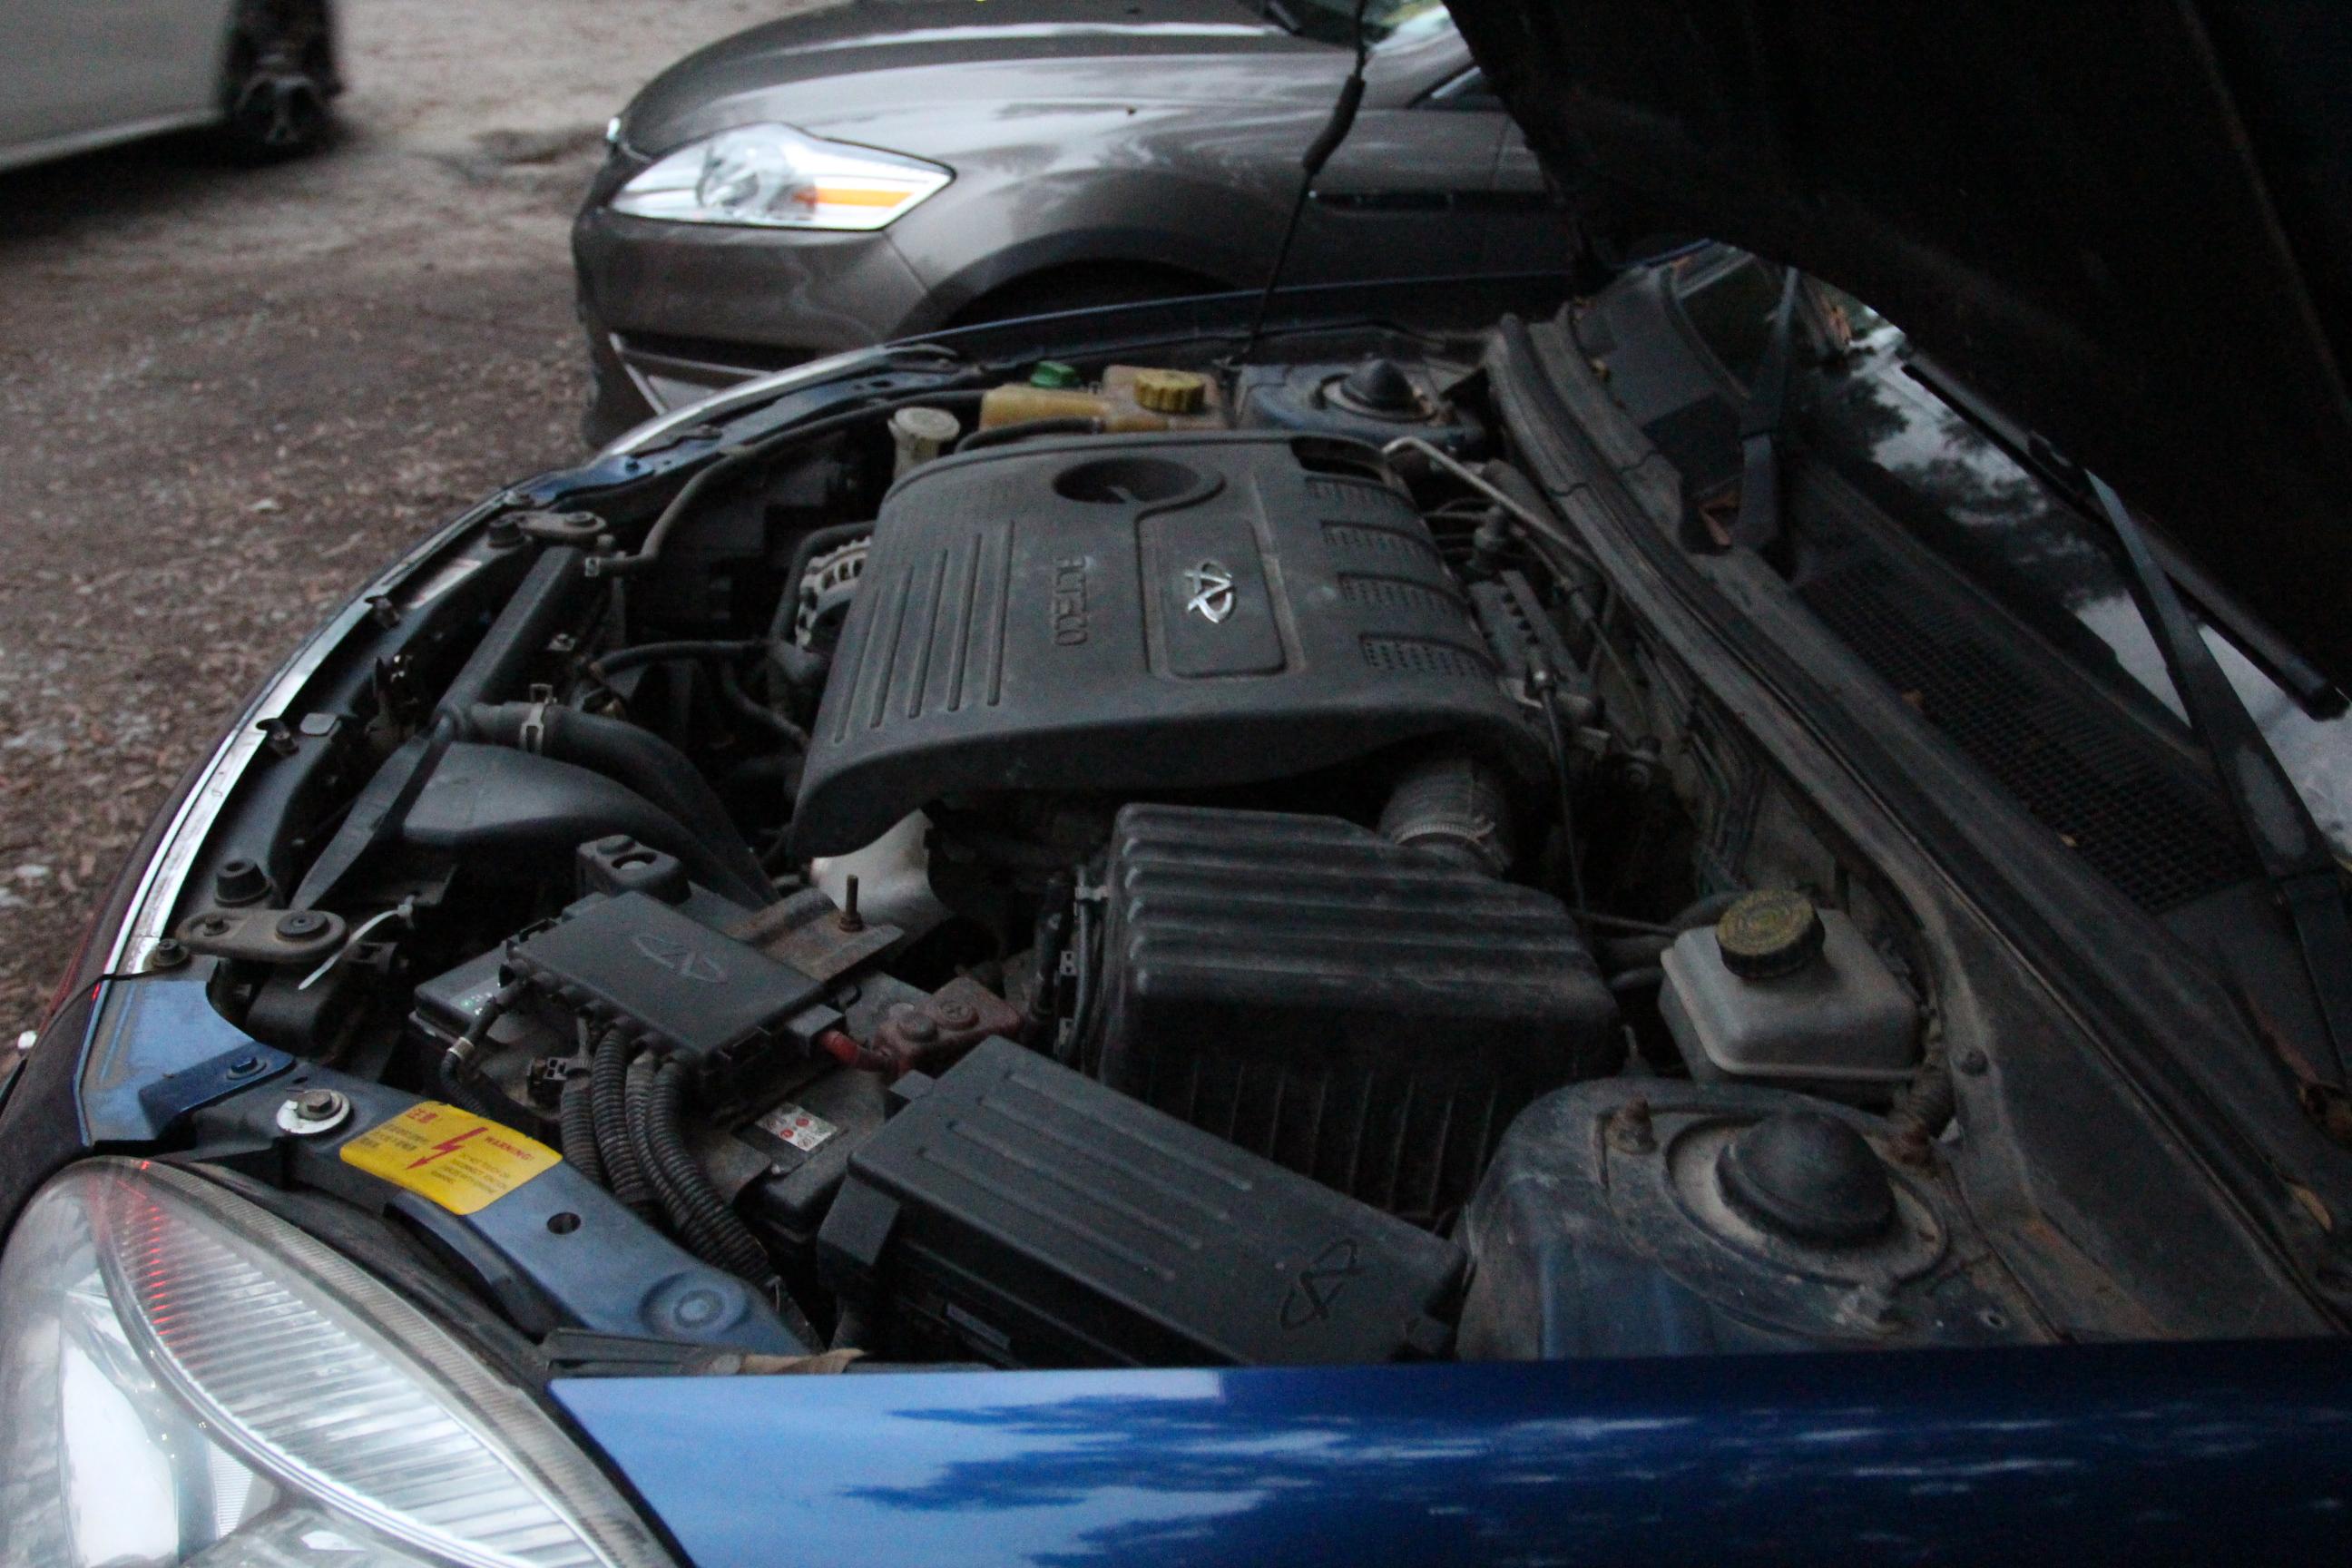 73张汽车原理图,发动机 底盘 电路 电器 整车.全都搞到了图片